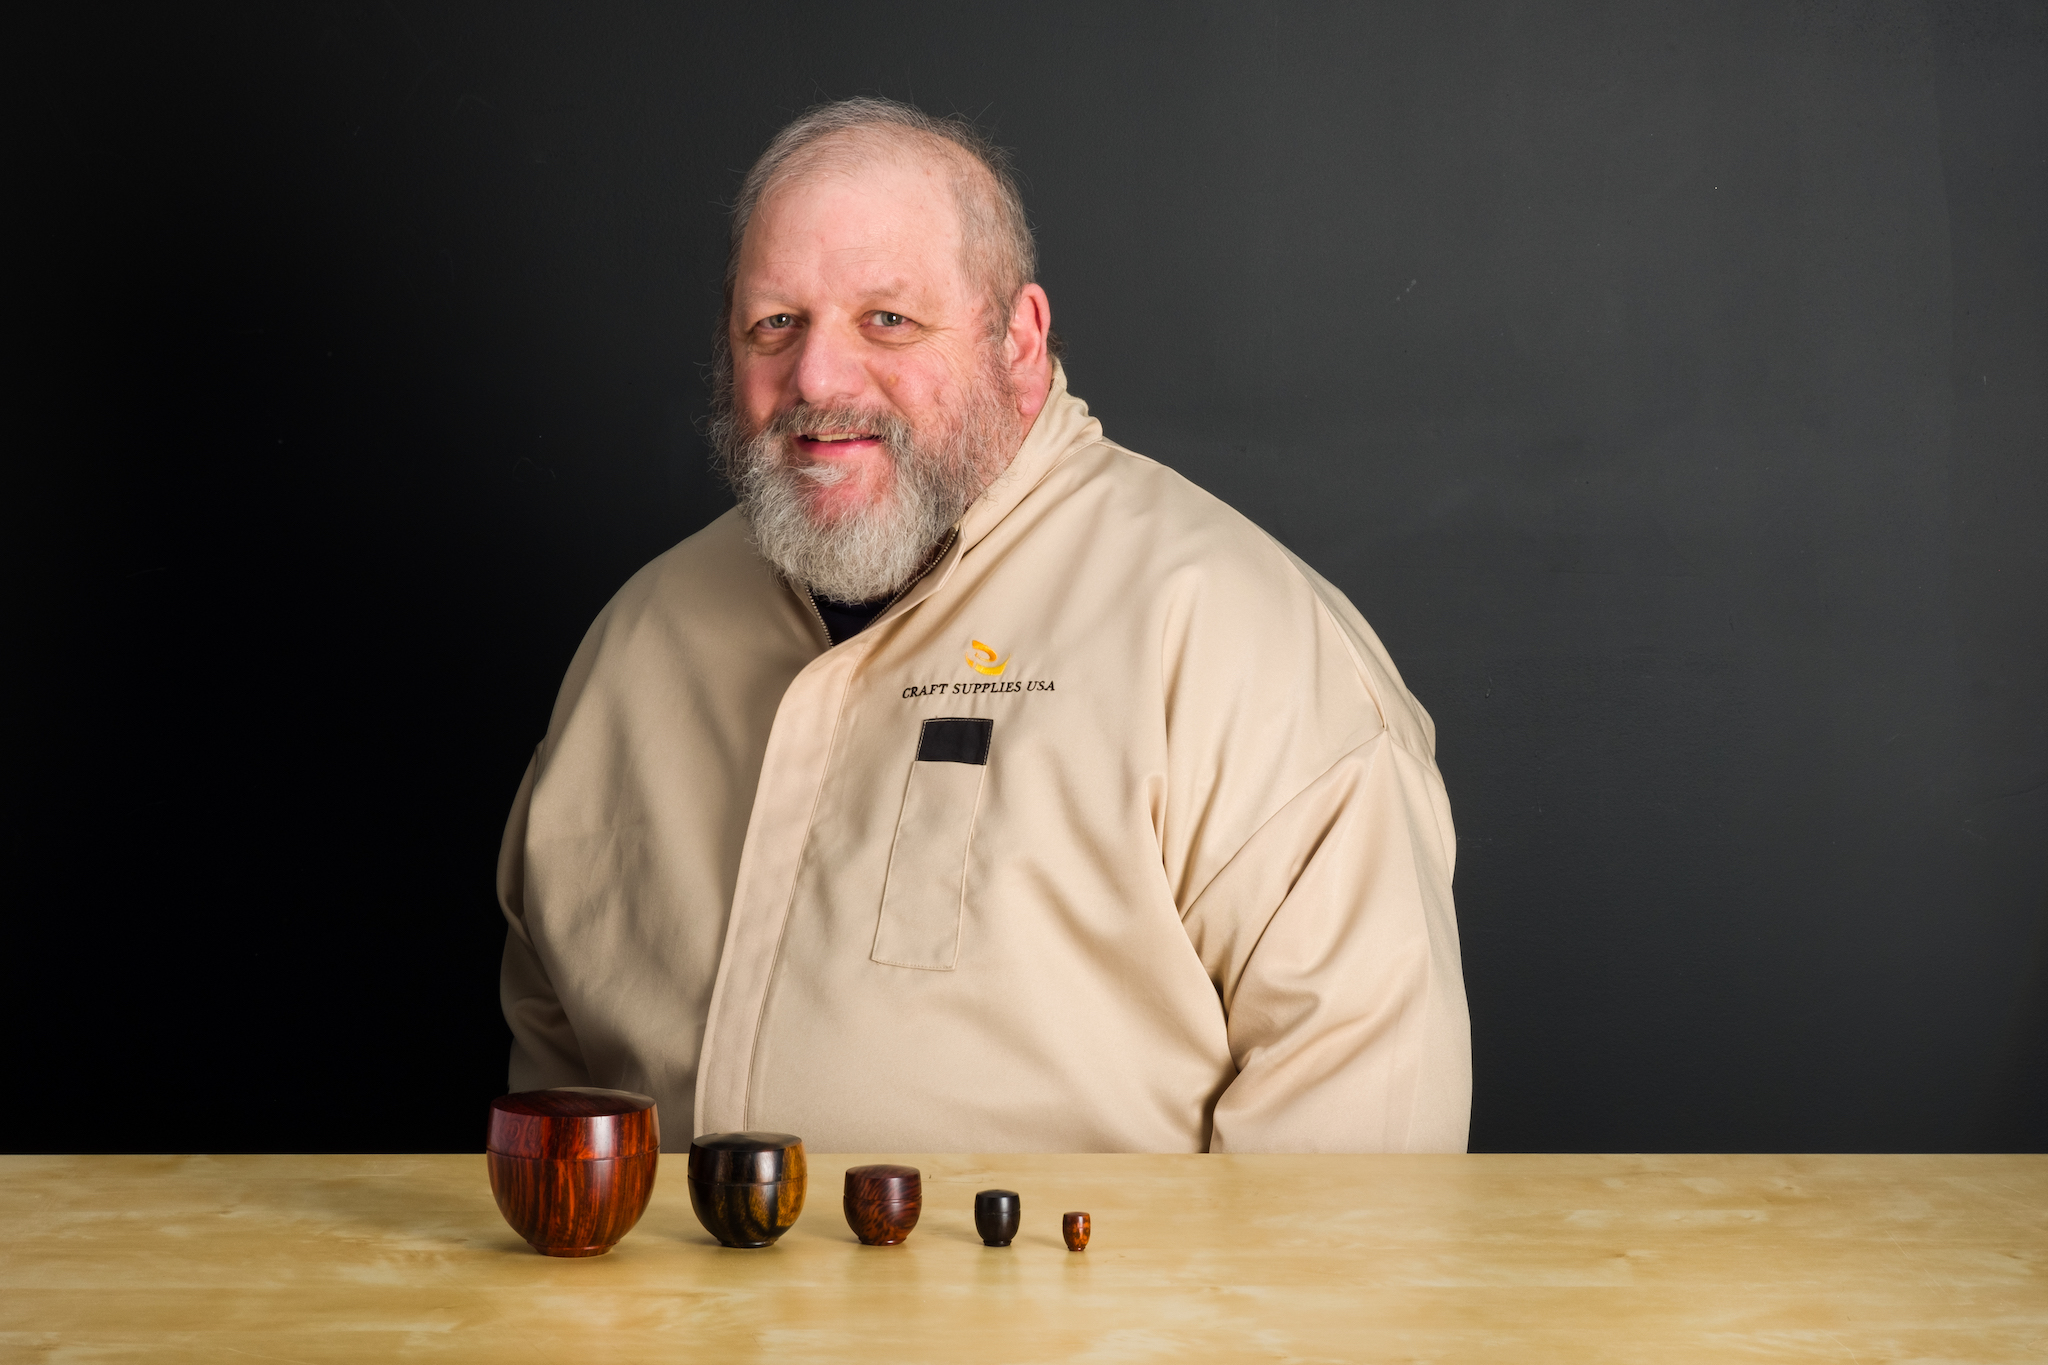 Kirk DeHeer